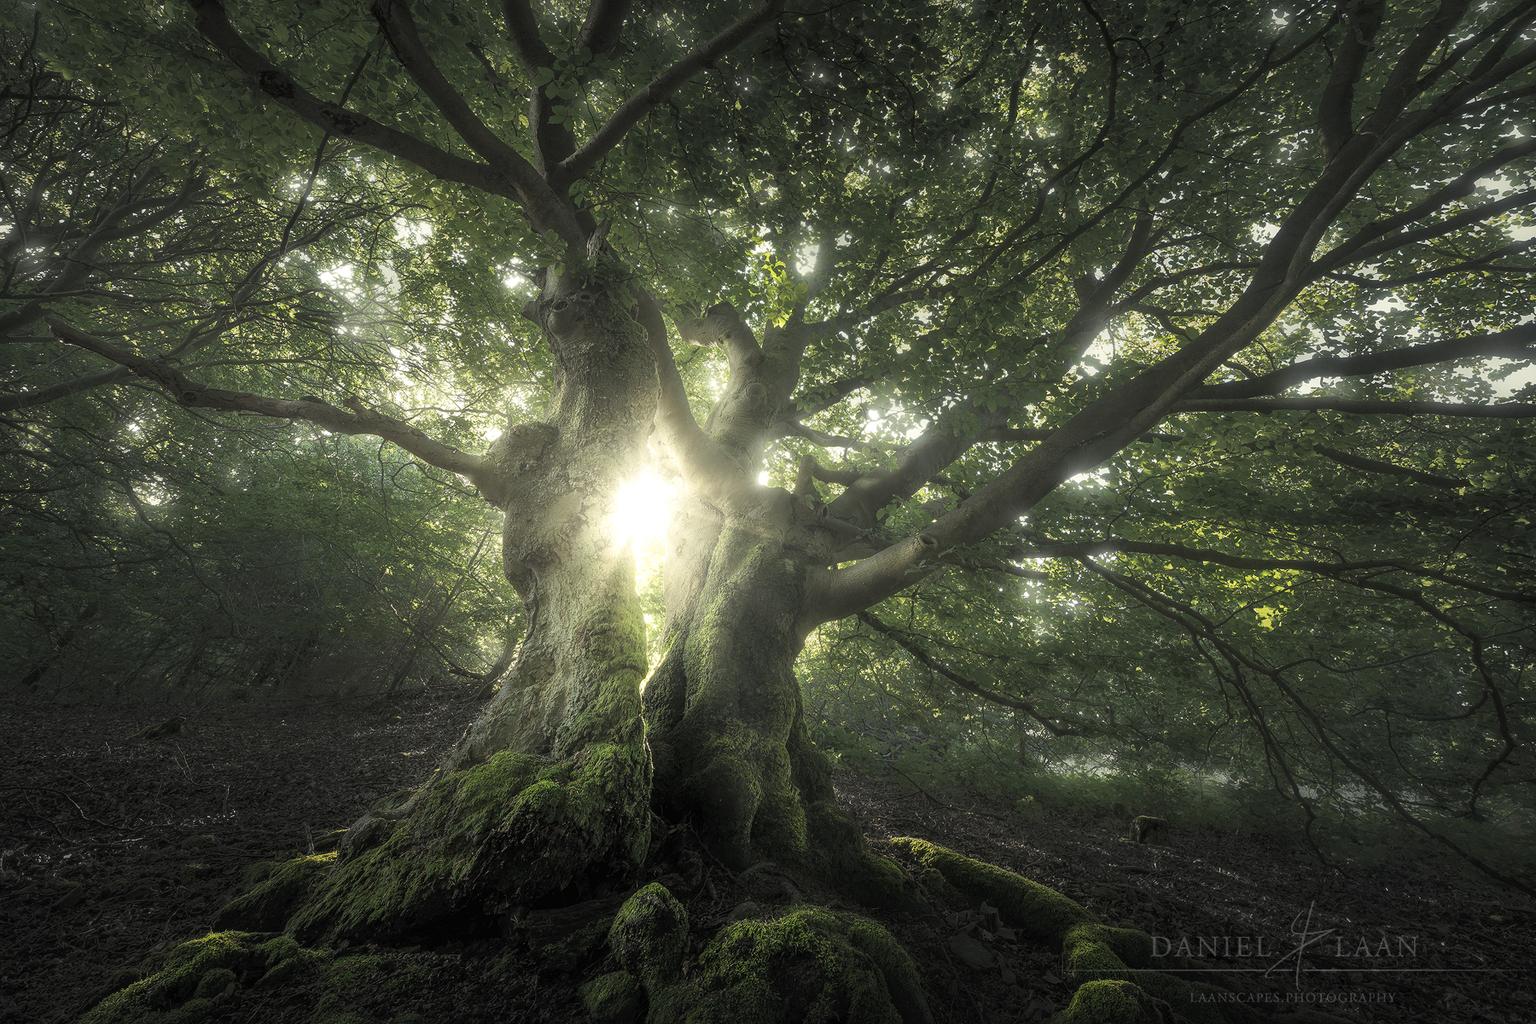 A Song for Verdant Ones - Respectabele beuk in Nationaal Park Kellerwald-Edersee. - foto door Laanscapes op 19-04-2021 - locatie: Laustraße 8, 34537 Bad Wildungen, Duitsland - deze foto bevat: boom, natuur, bos, groen, mysterieus, landschap, fabriek, plant gemeenschap, mensen in de natuur, boom, natuurlijk landschap, takje, schaduw, hout, kofferbak, terrestrische plant